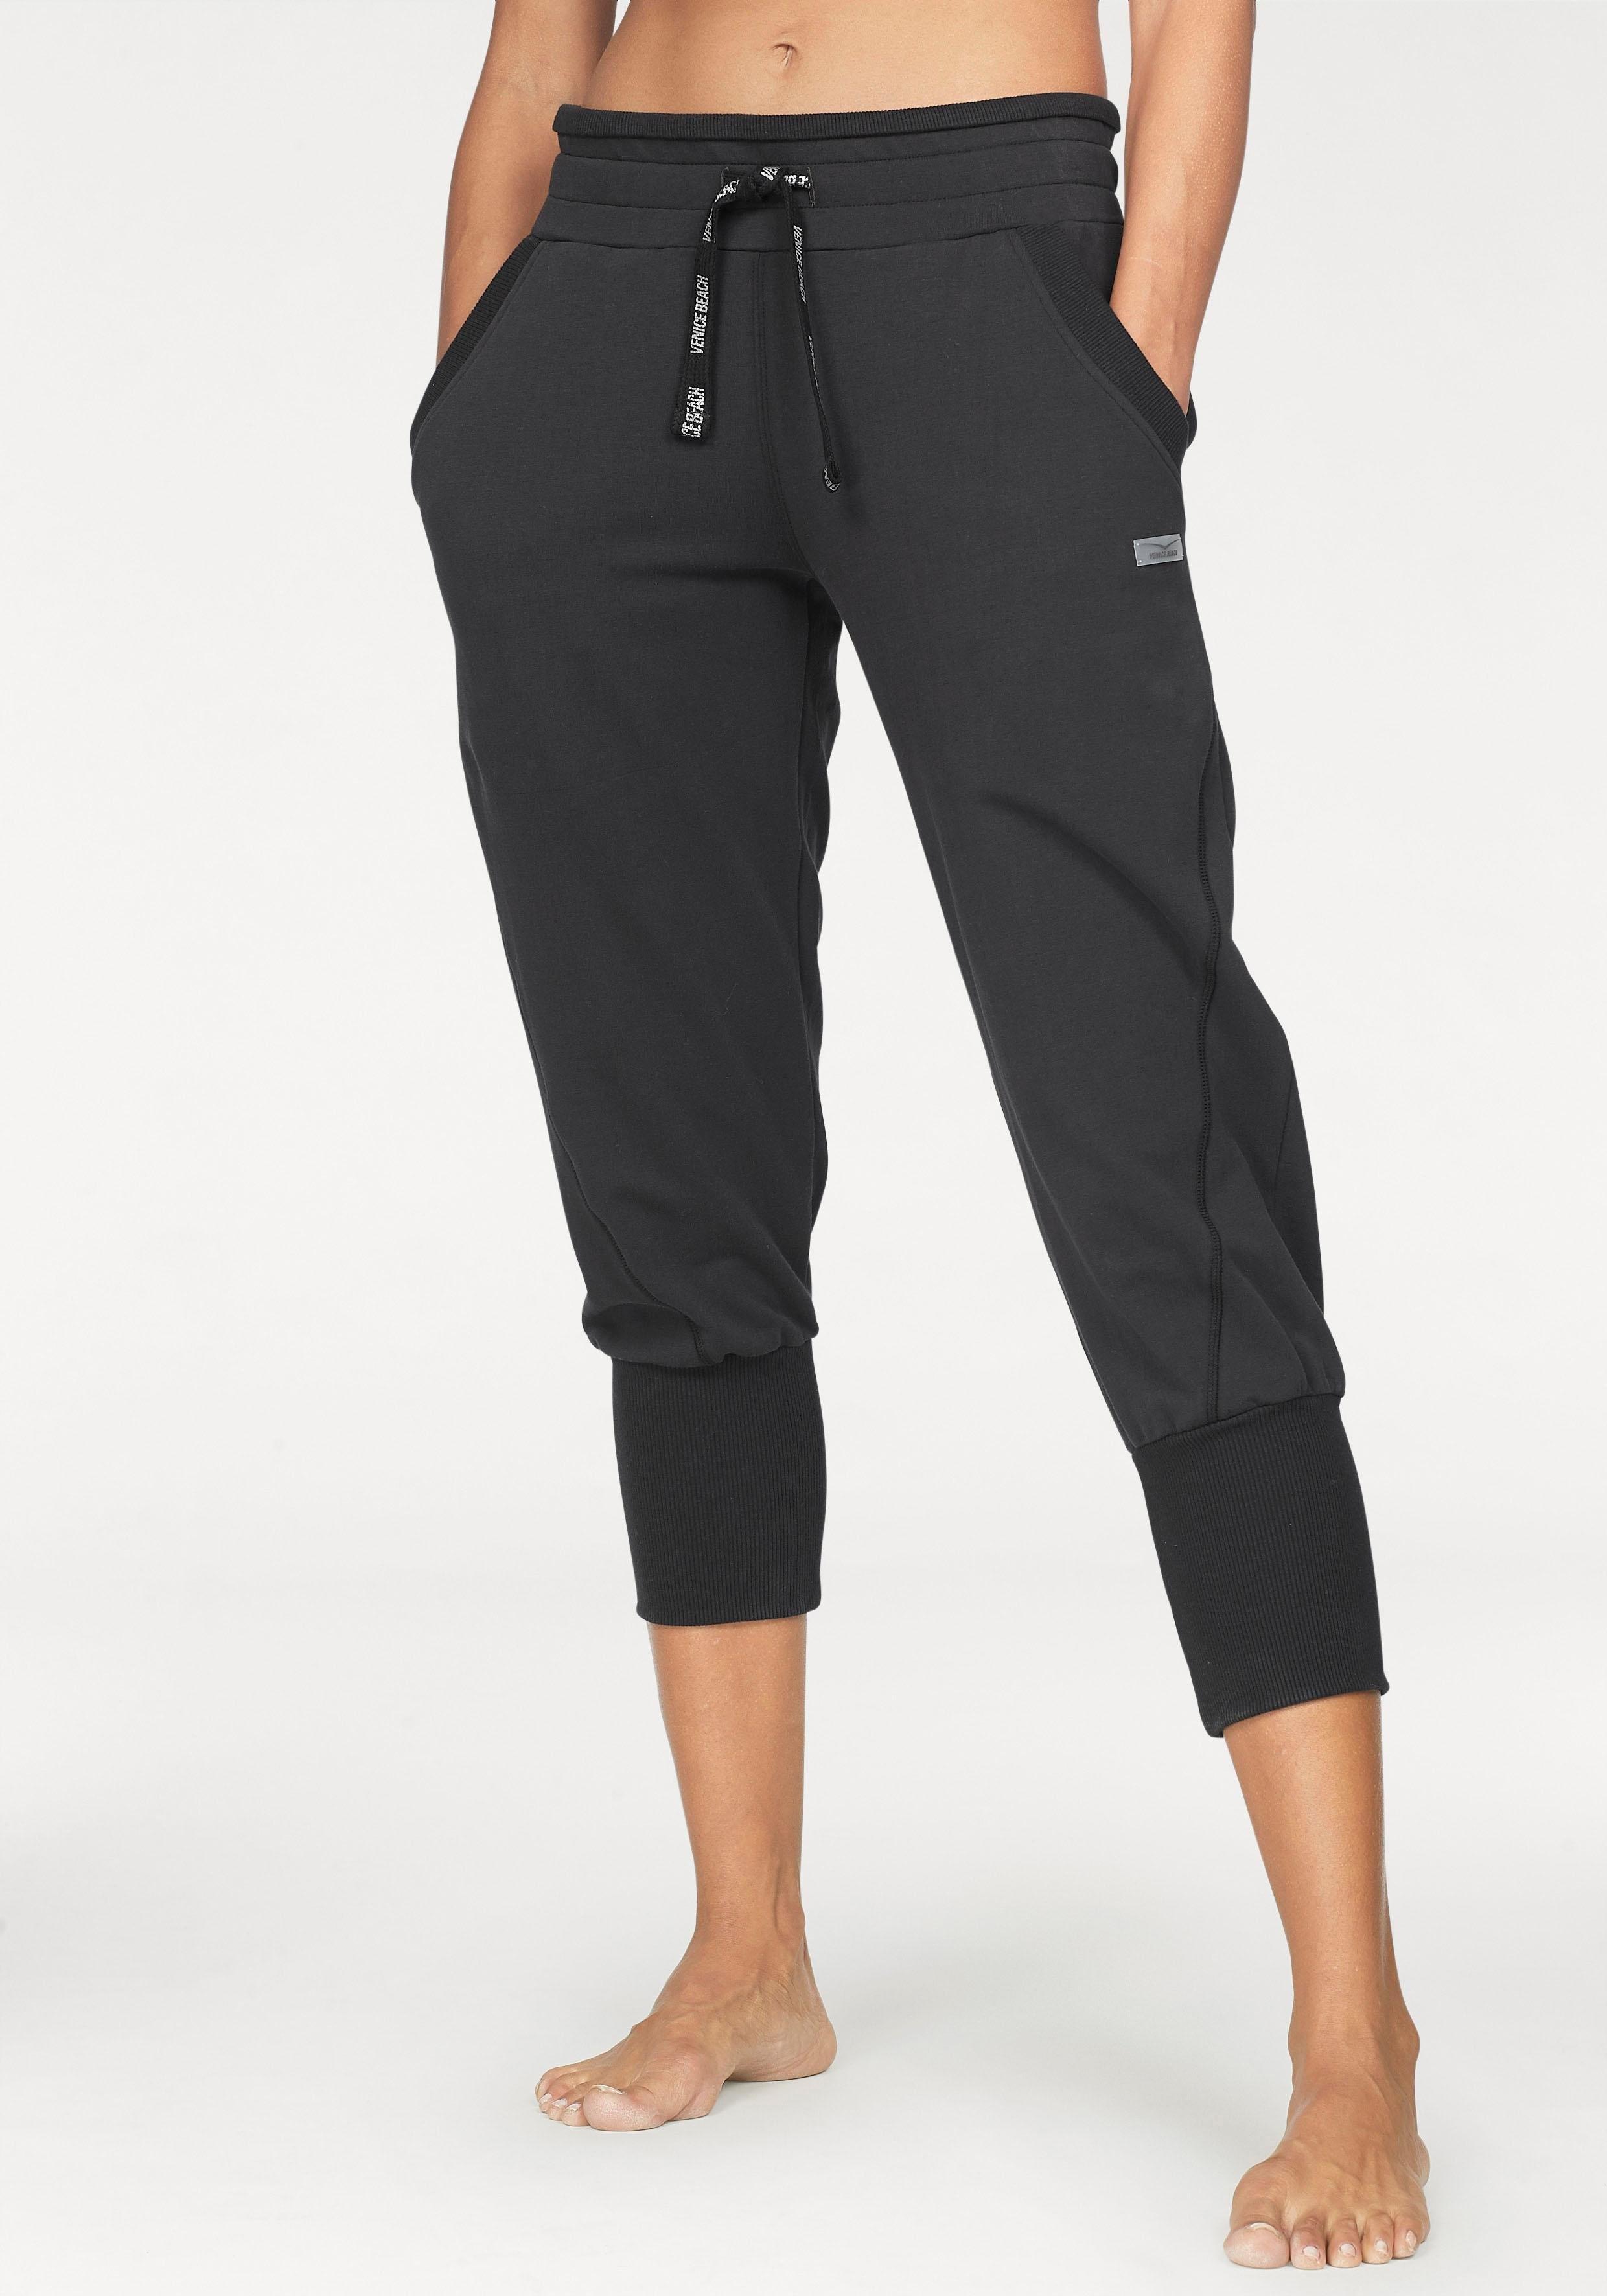 VENICE BEACH Homewear broek »Nahla« van babyfleece - gratis ruilen op lascana.nl